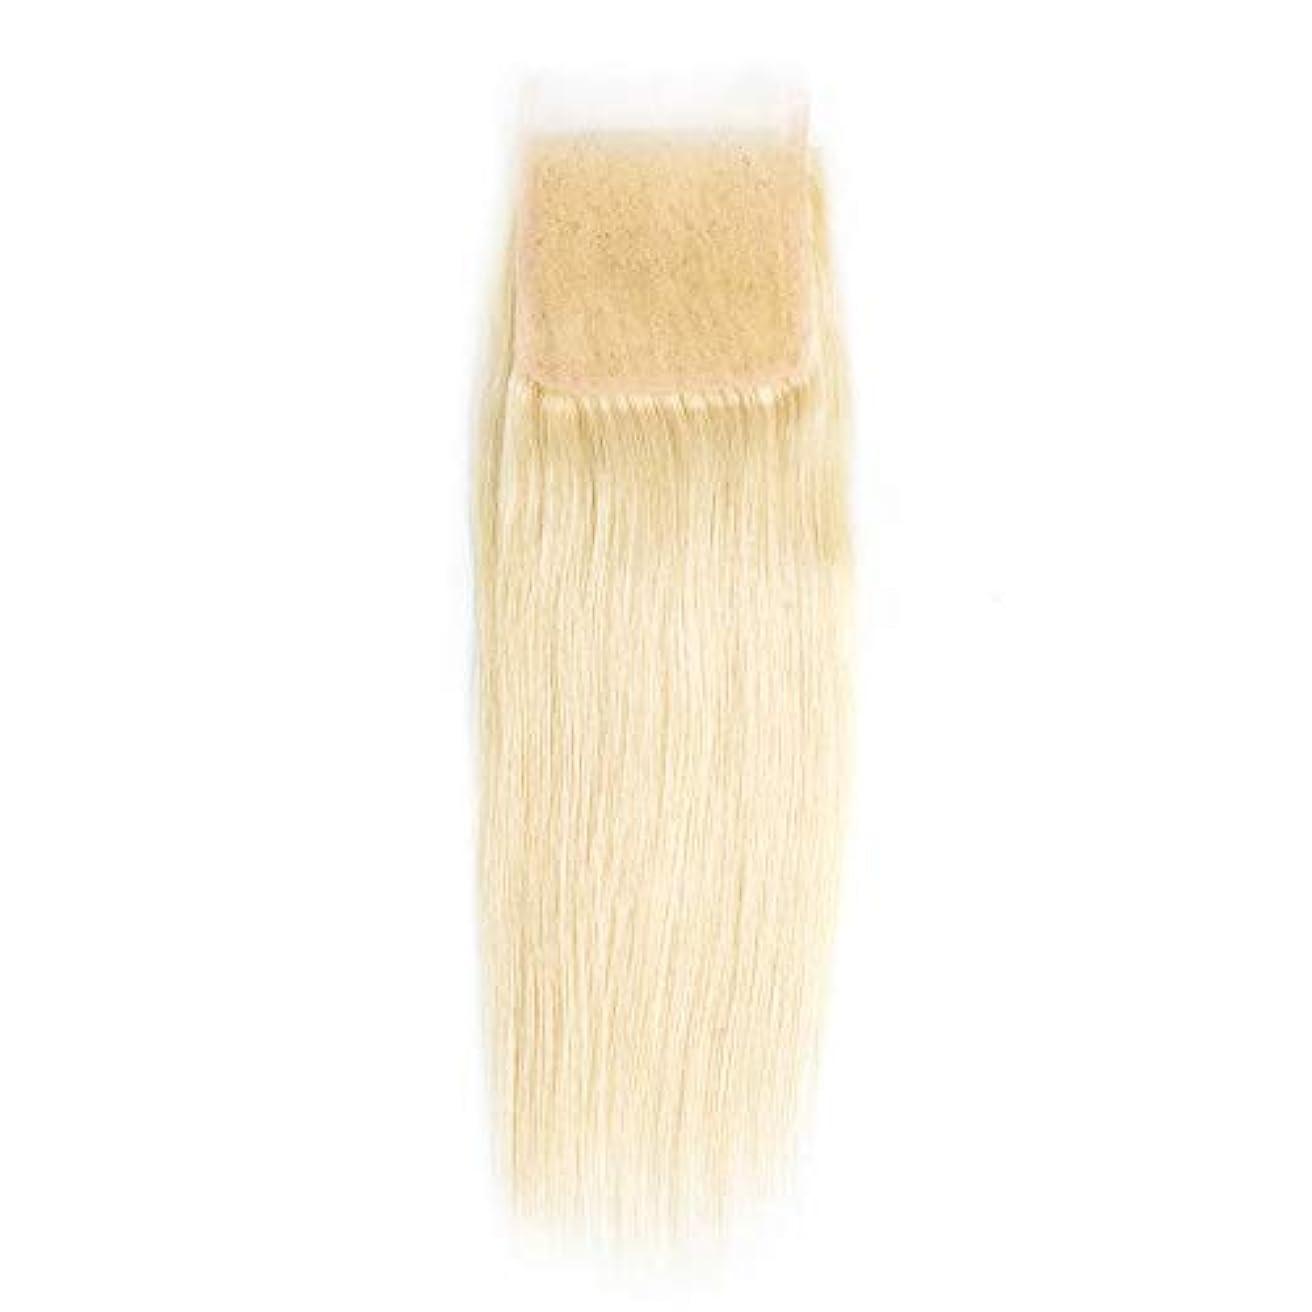 劇場作り資本主義WASAIO ヘアエクステンションクリップUnseamedブロンド髪のブラジルのレースフロンタル閉鎖きちんと人間の髪4 * 4の上の閉鎖 (サイズ : 18 inch)